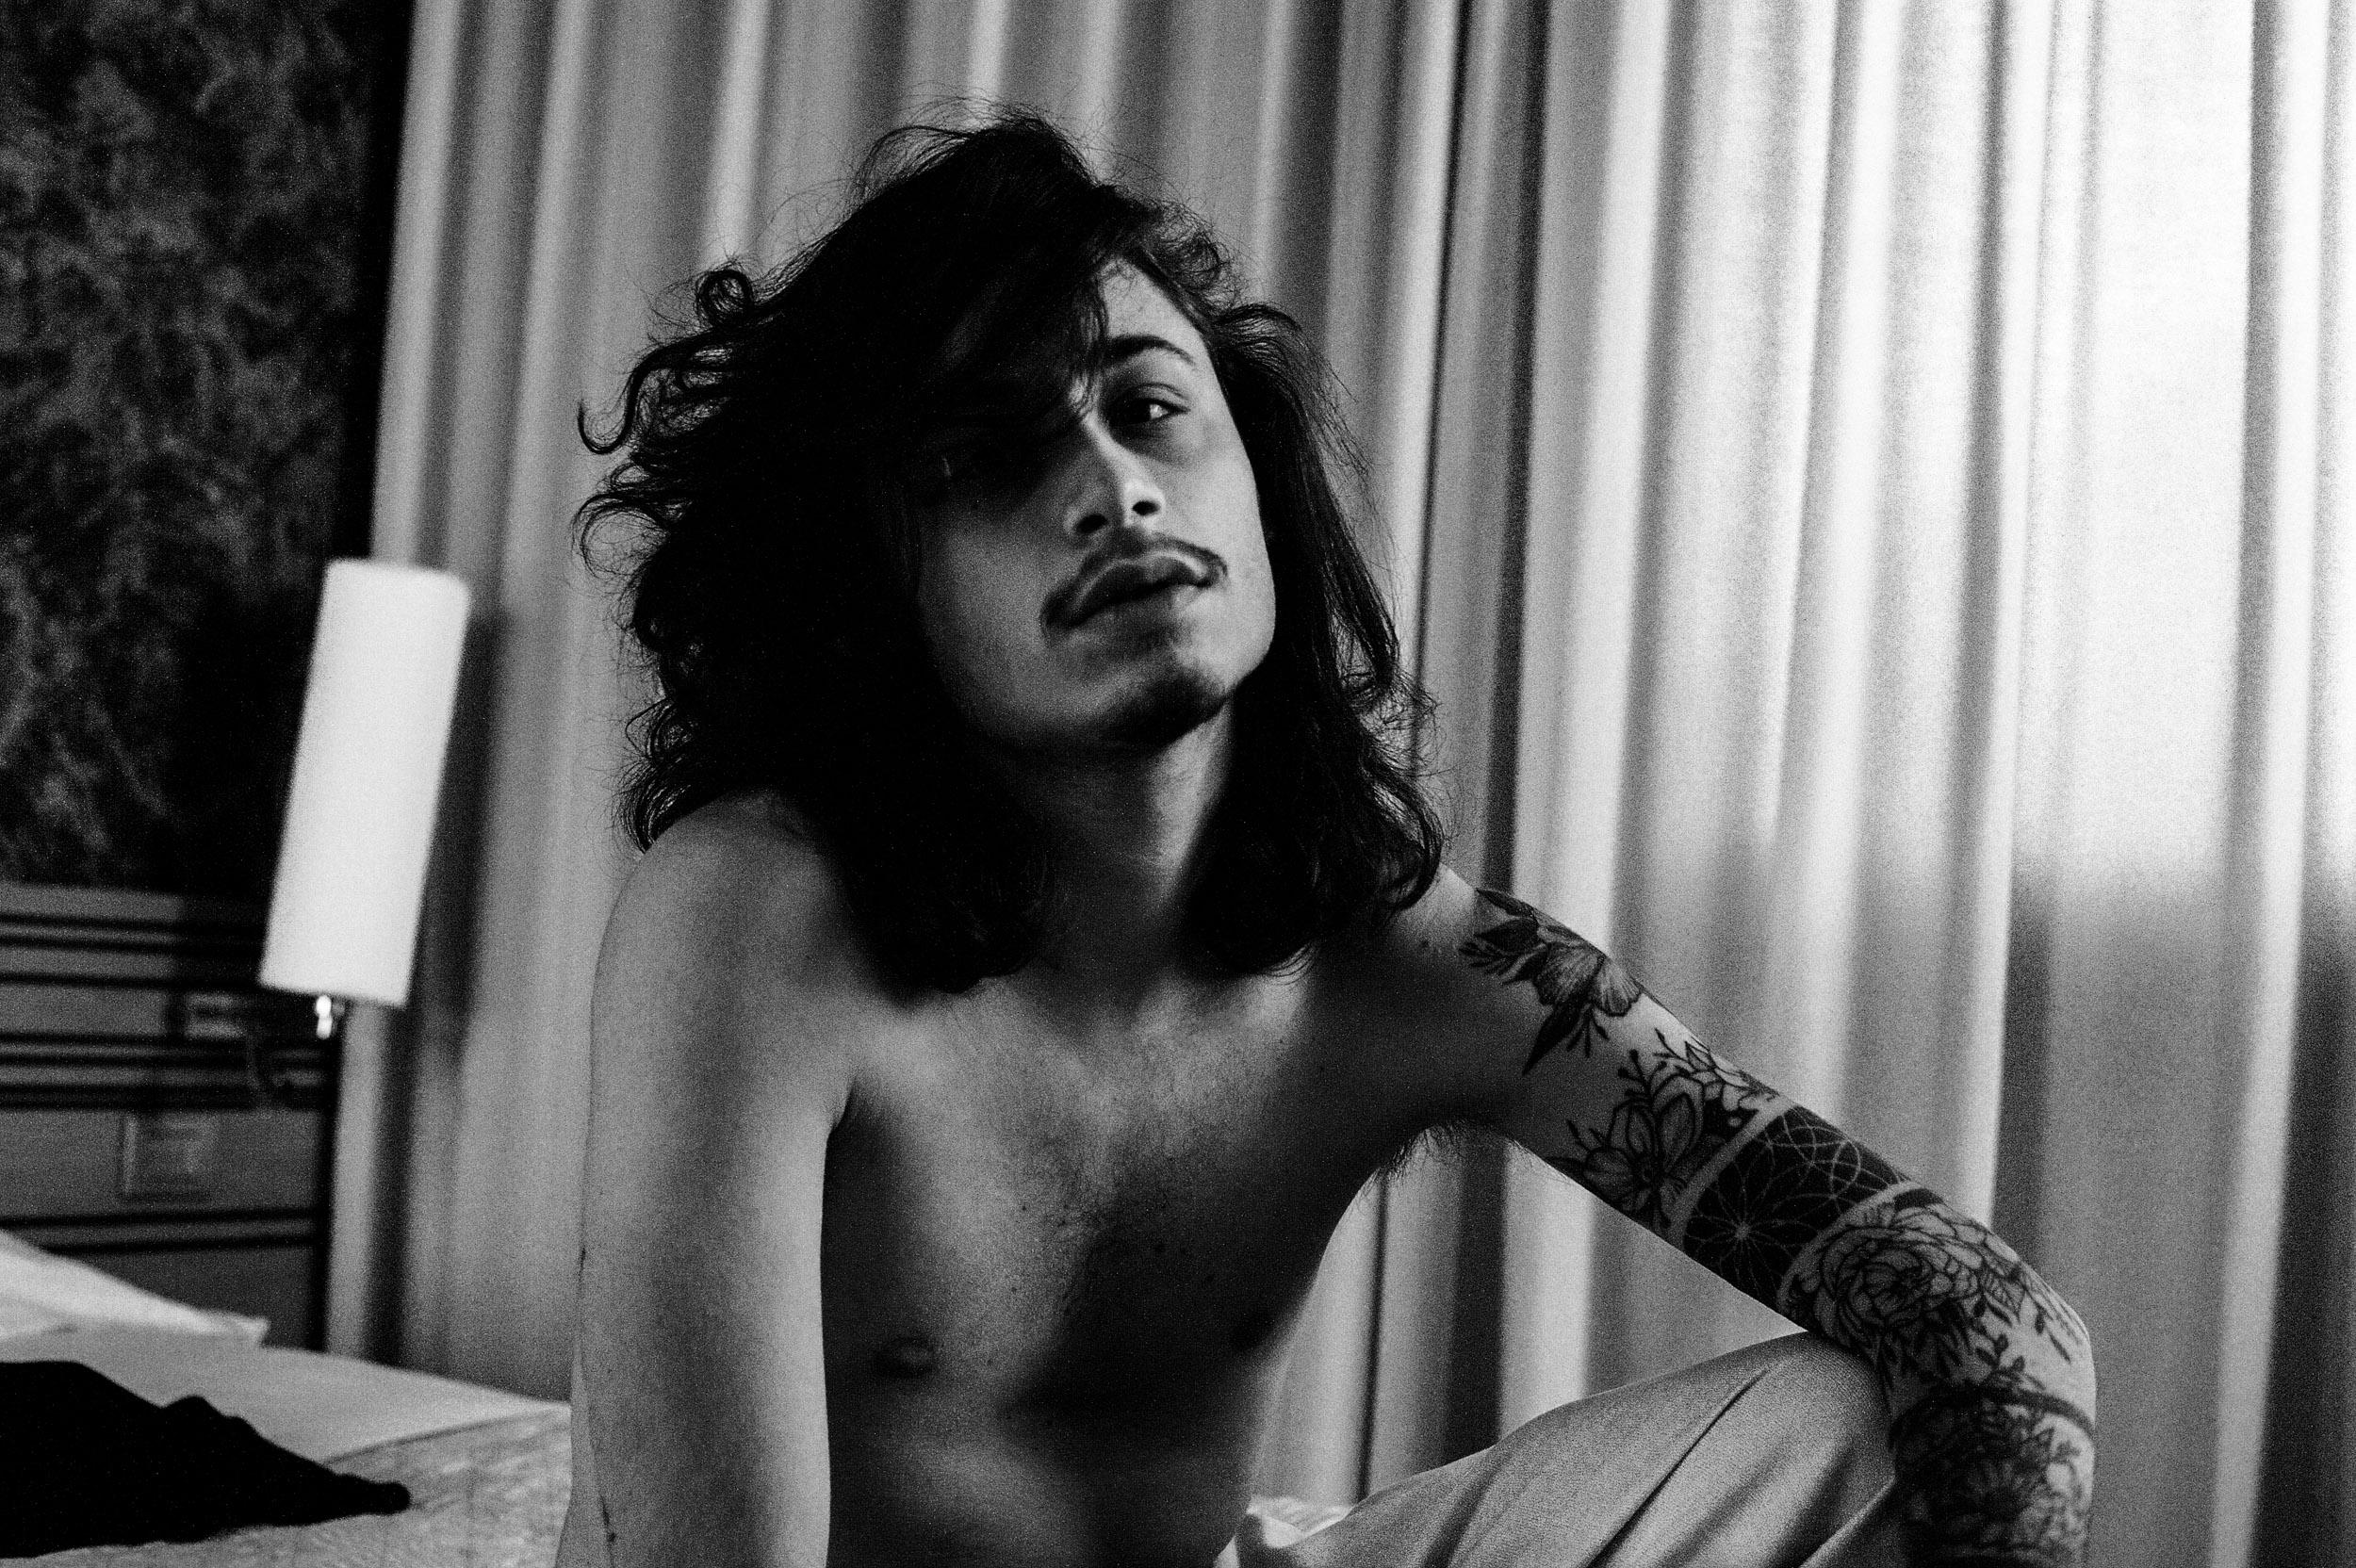 Categorie: Glamour, Portrait - Photographer: ALESSIO ZANELLI - Model: MATTEO BARBATO - Location: Savona, Italia